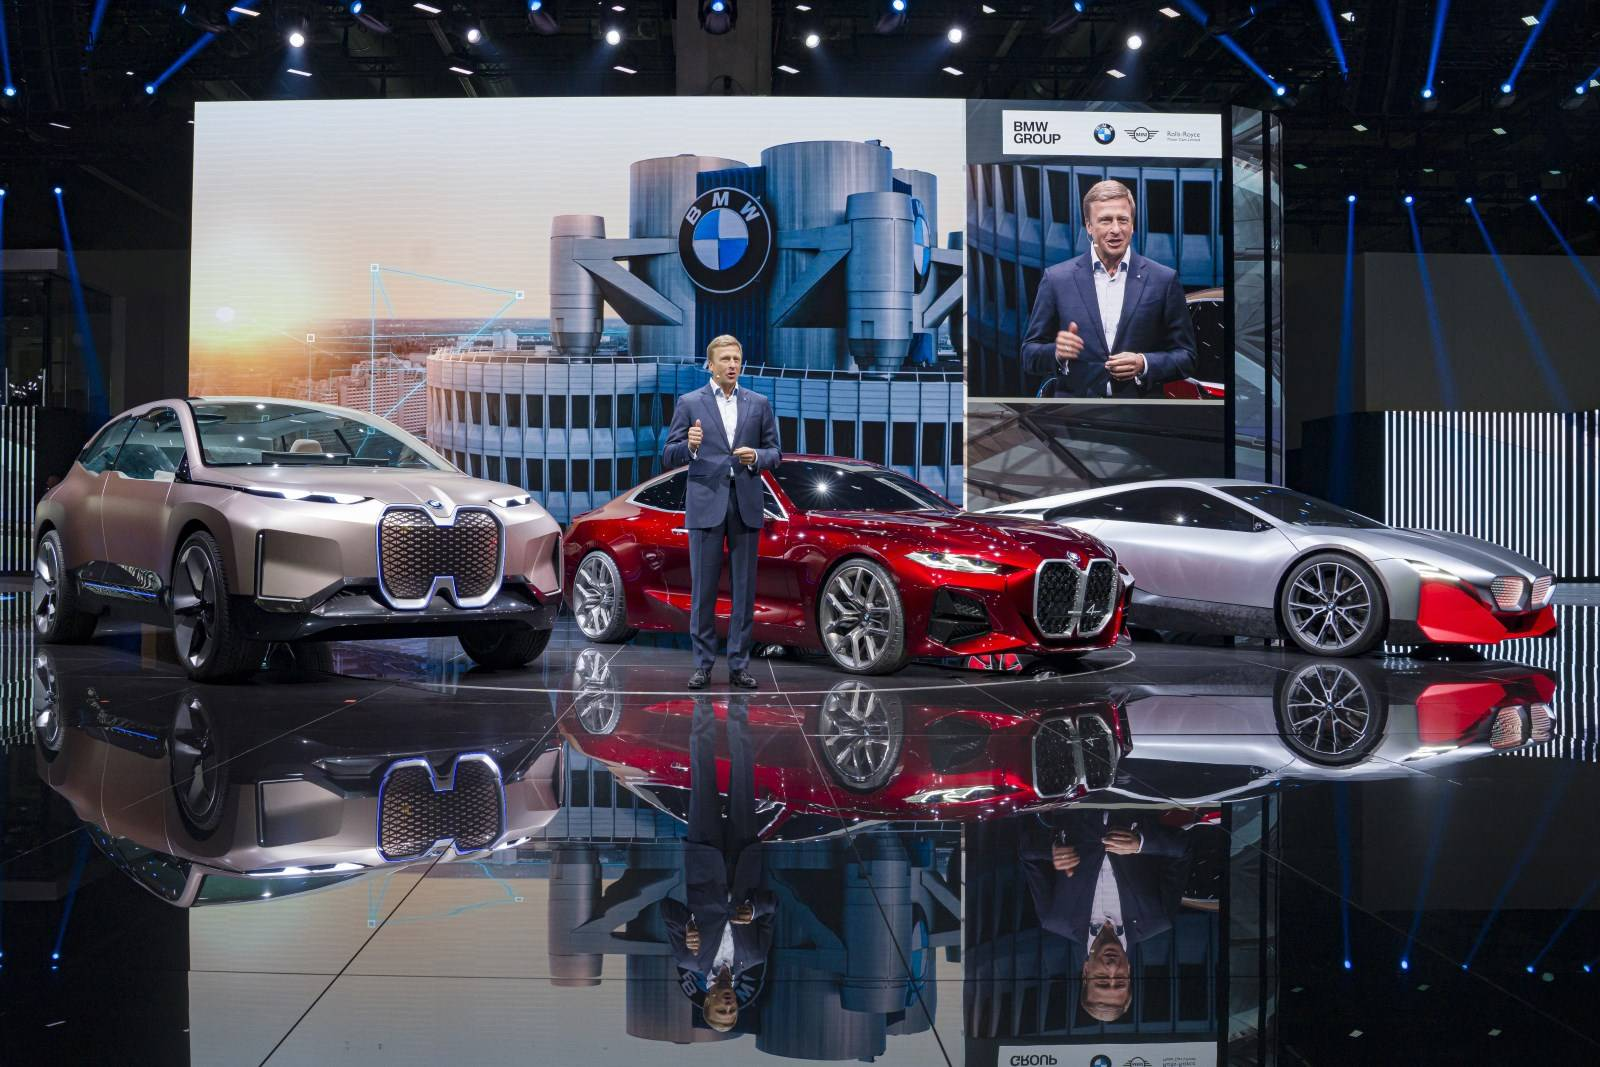 Оливер Зипсе (Oliver Zipse) - председатель правления и гендиректор BMW